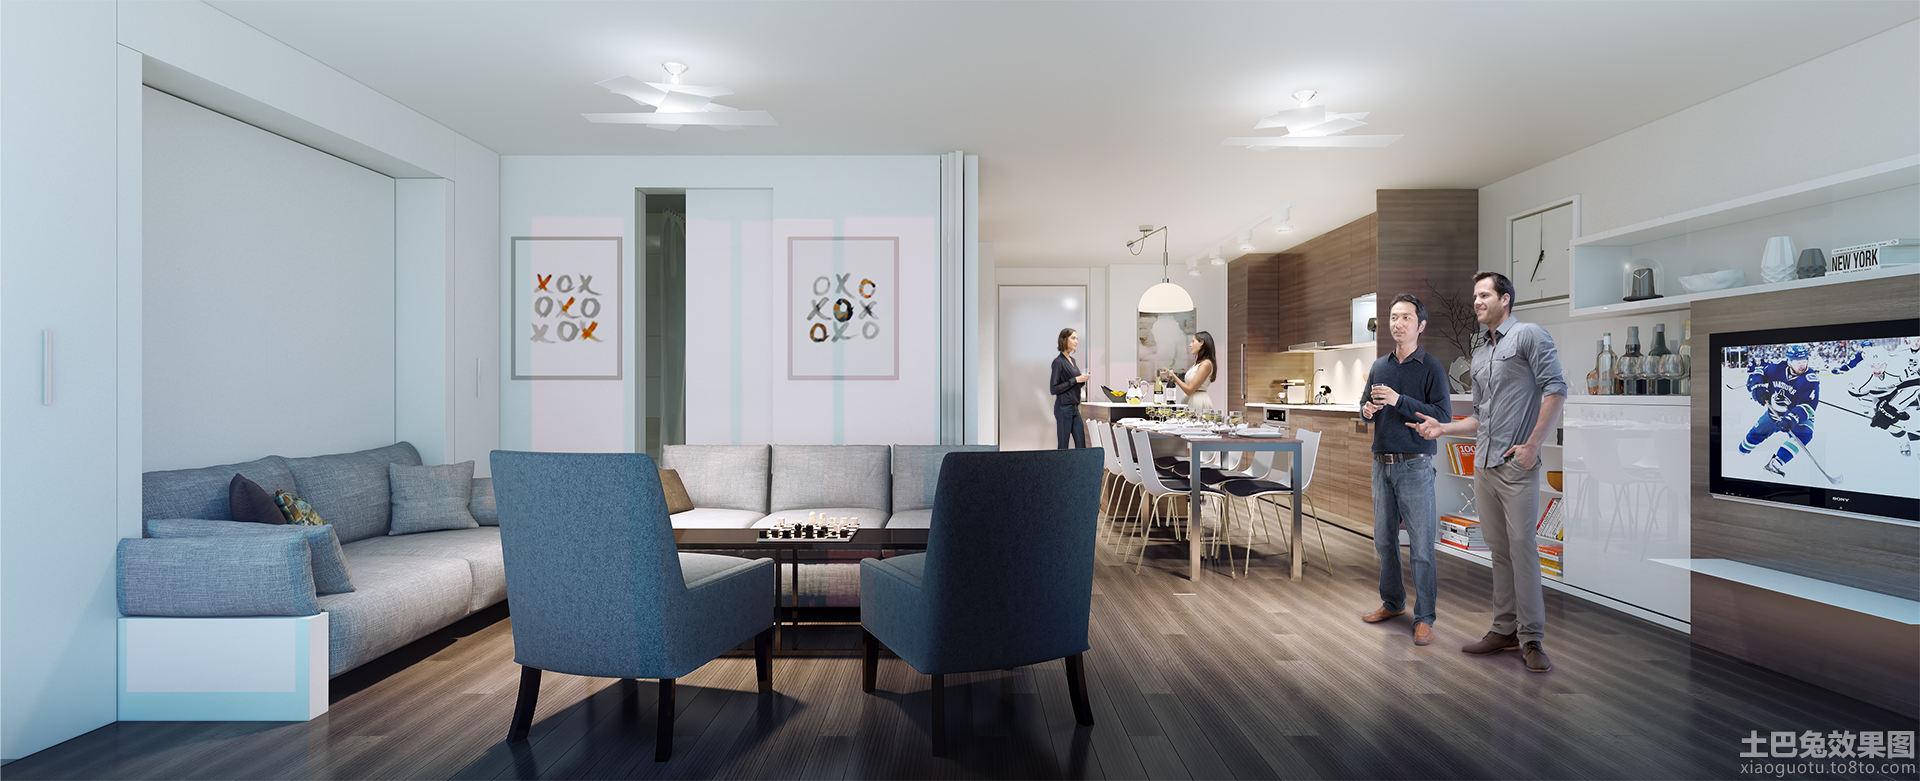 复式房屋装修设计 - 装修效果图 - 九正家居网图片